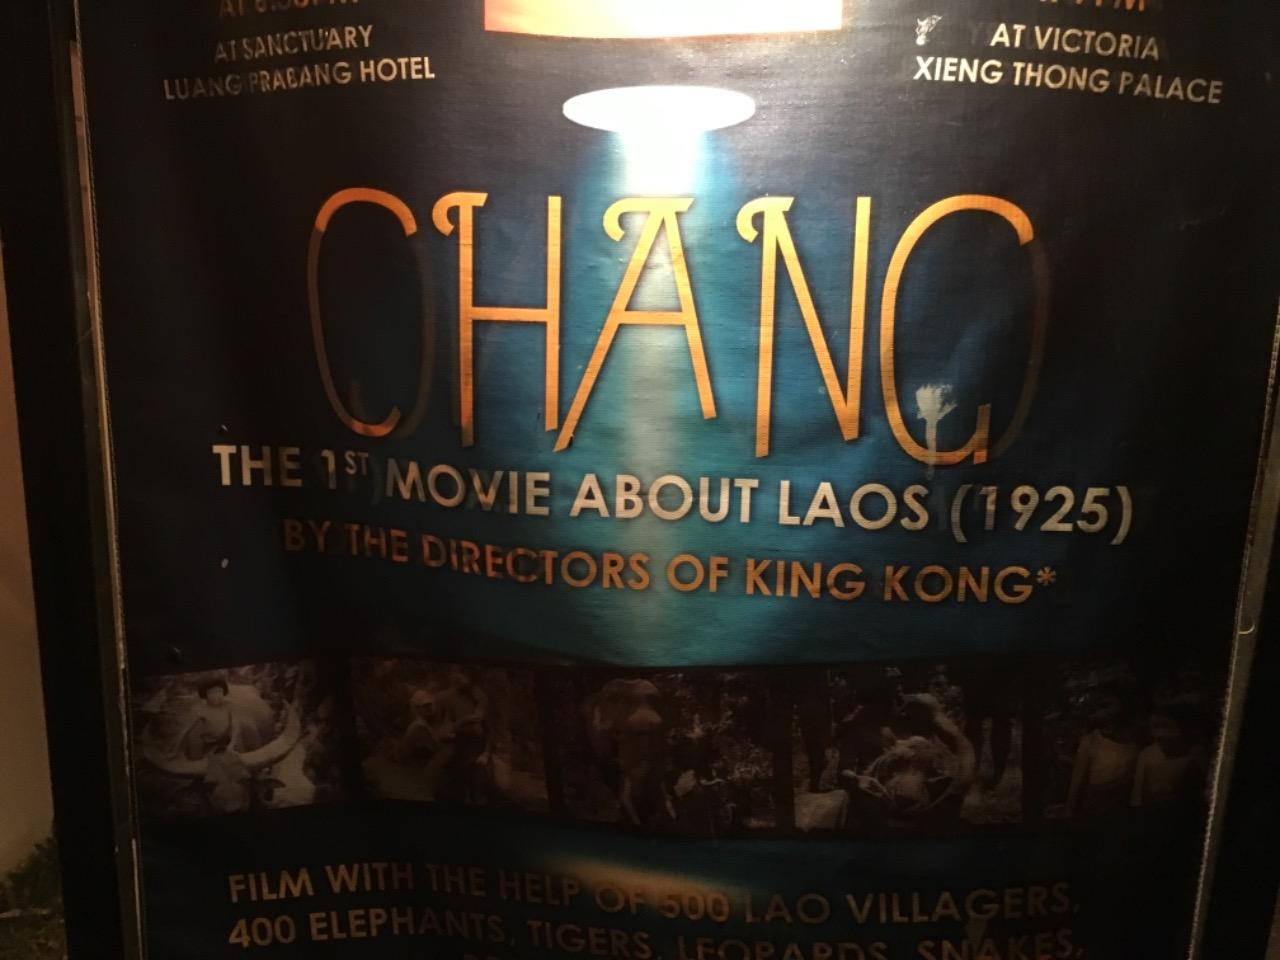 Chang soll der erste Film über Laos sein - angeblich © 2017